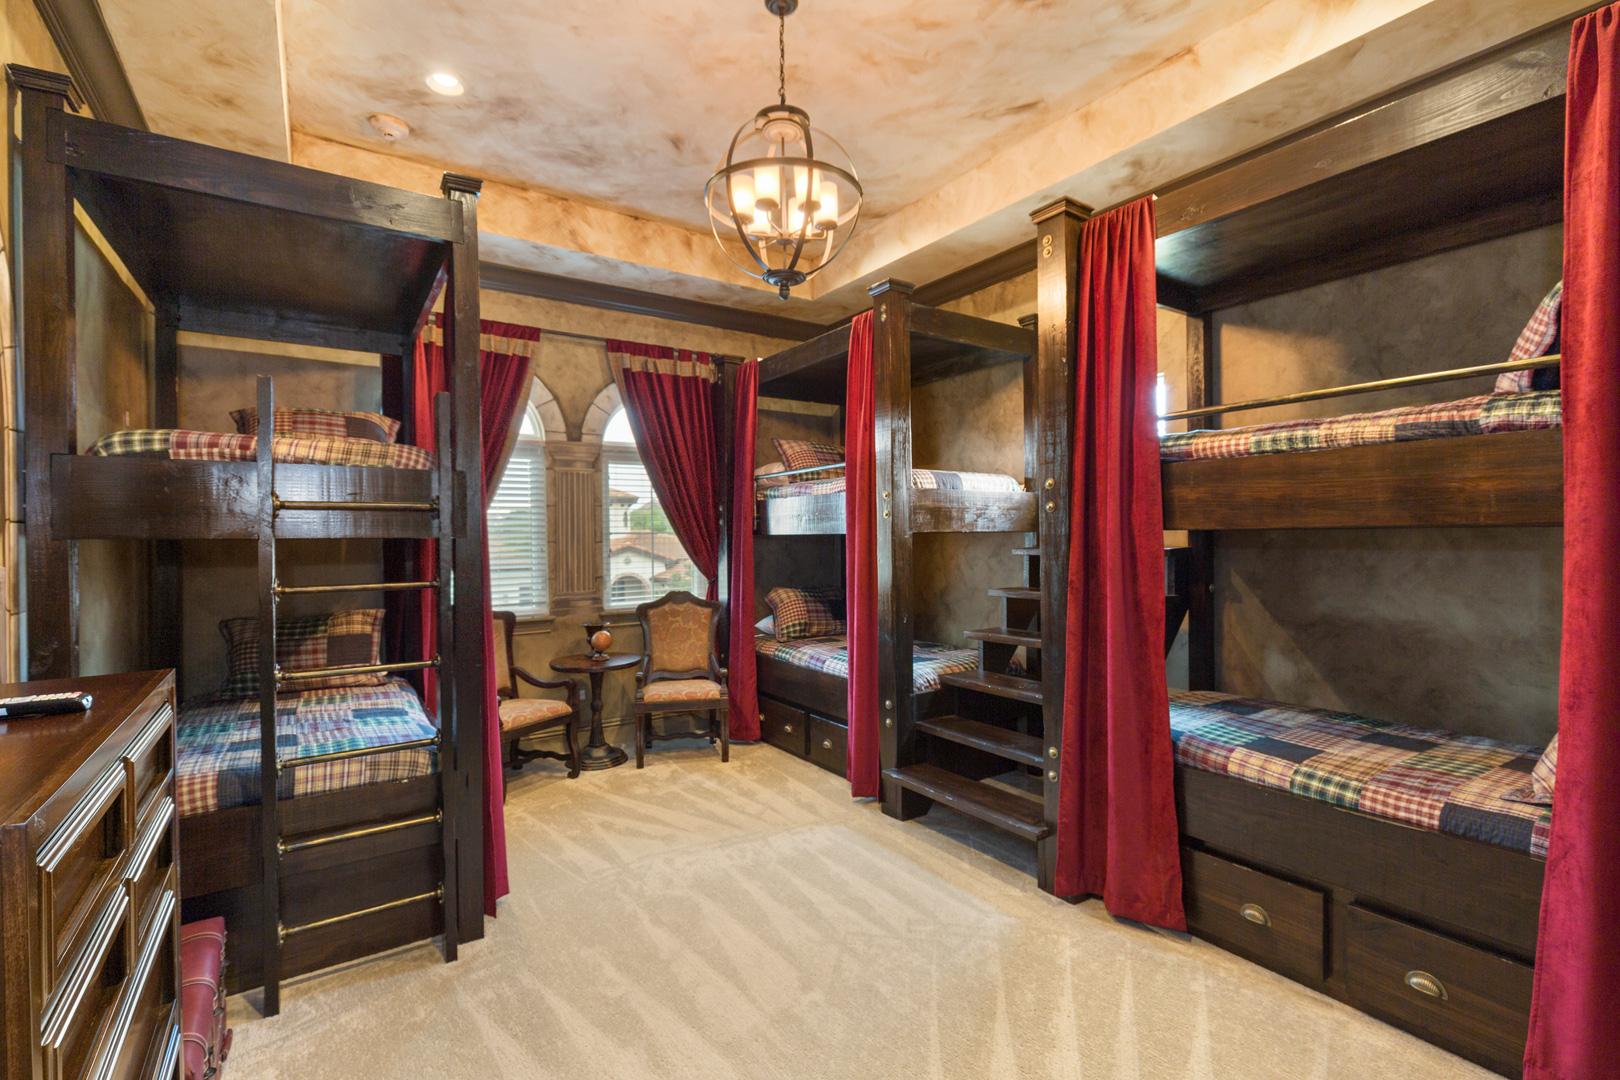 Bedrooms69